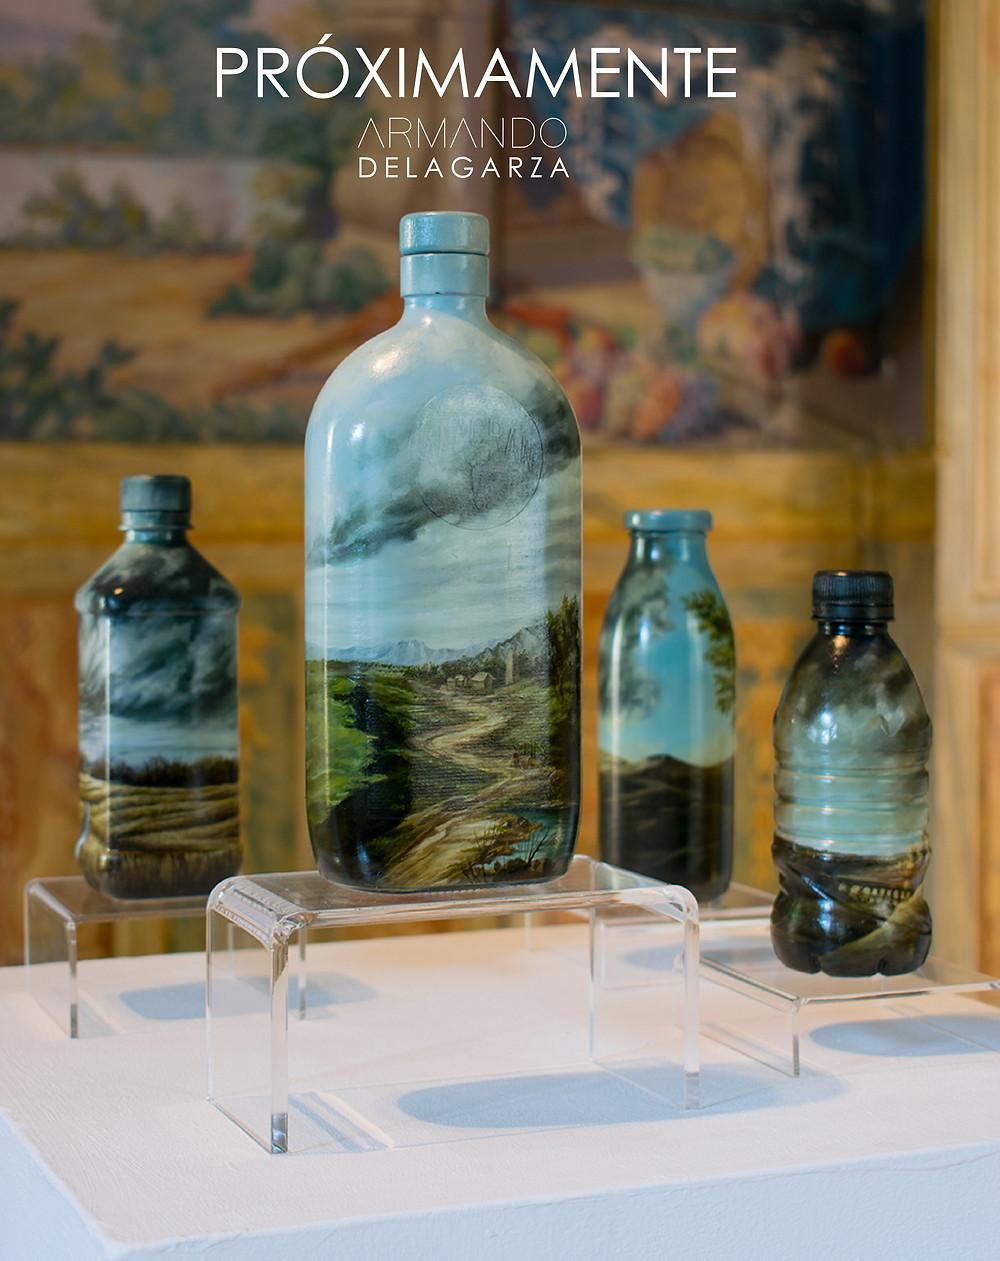 Armando de la Garza dará a conocer próximamente su nueva serie titulada Biotá, obra realizada en Italia y que utiliza como sustrato botellas y varios materiales de desecho con paisajes italianos bellamente realizados en oleo por el artista mexicano.